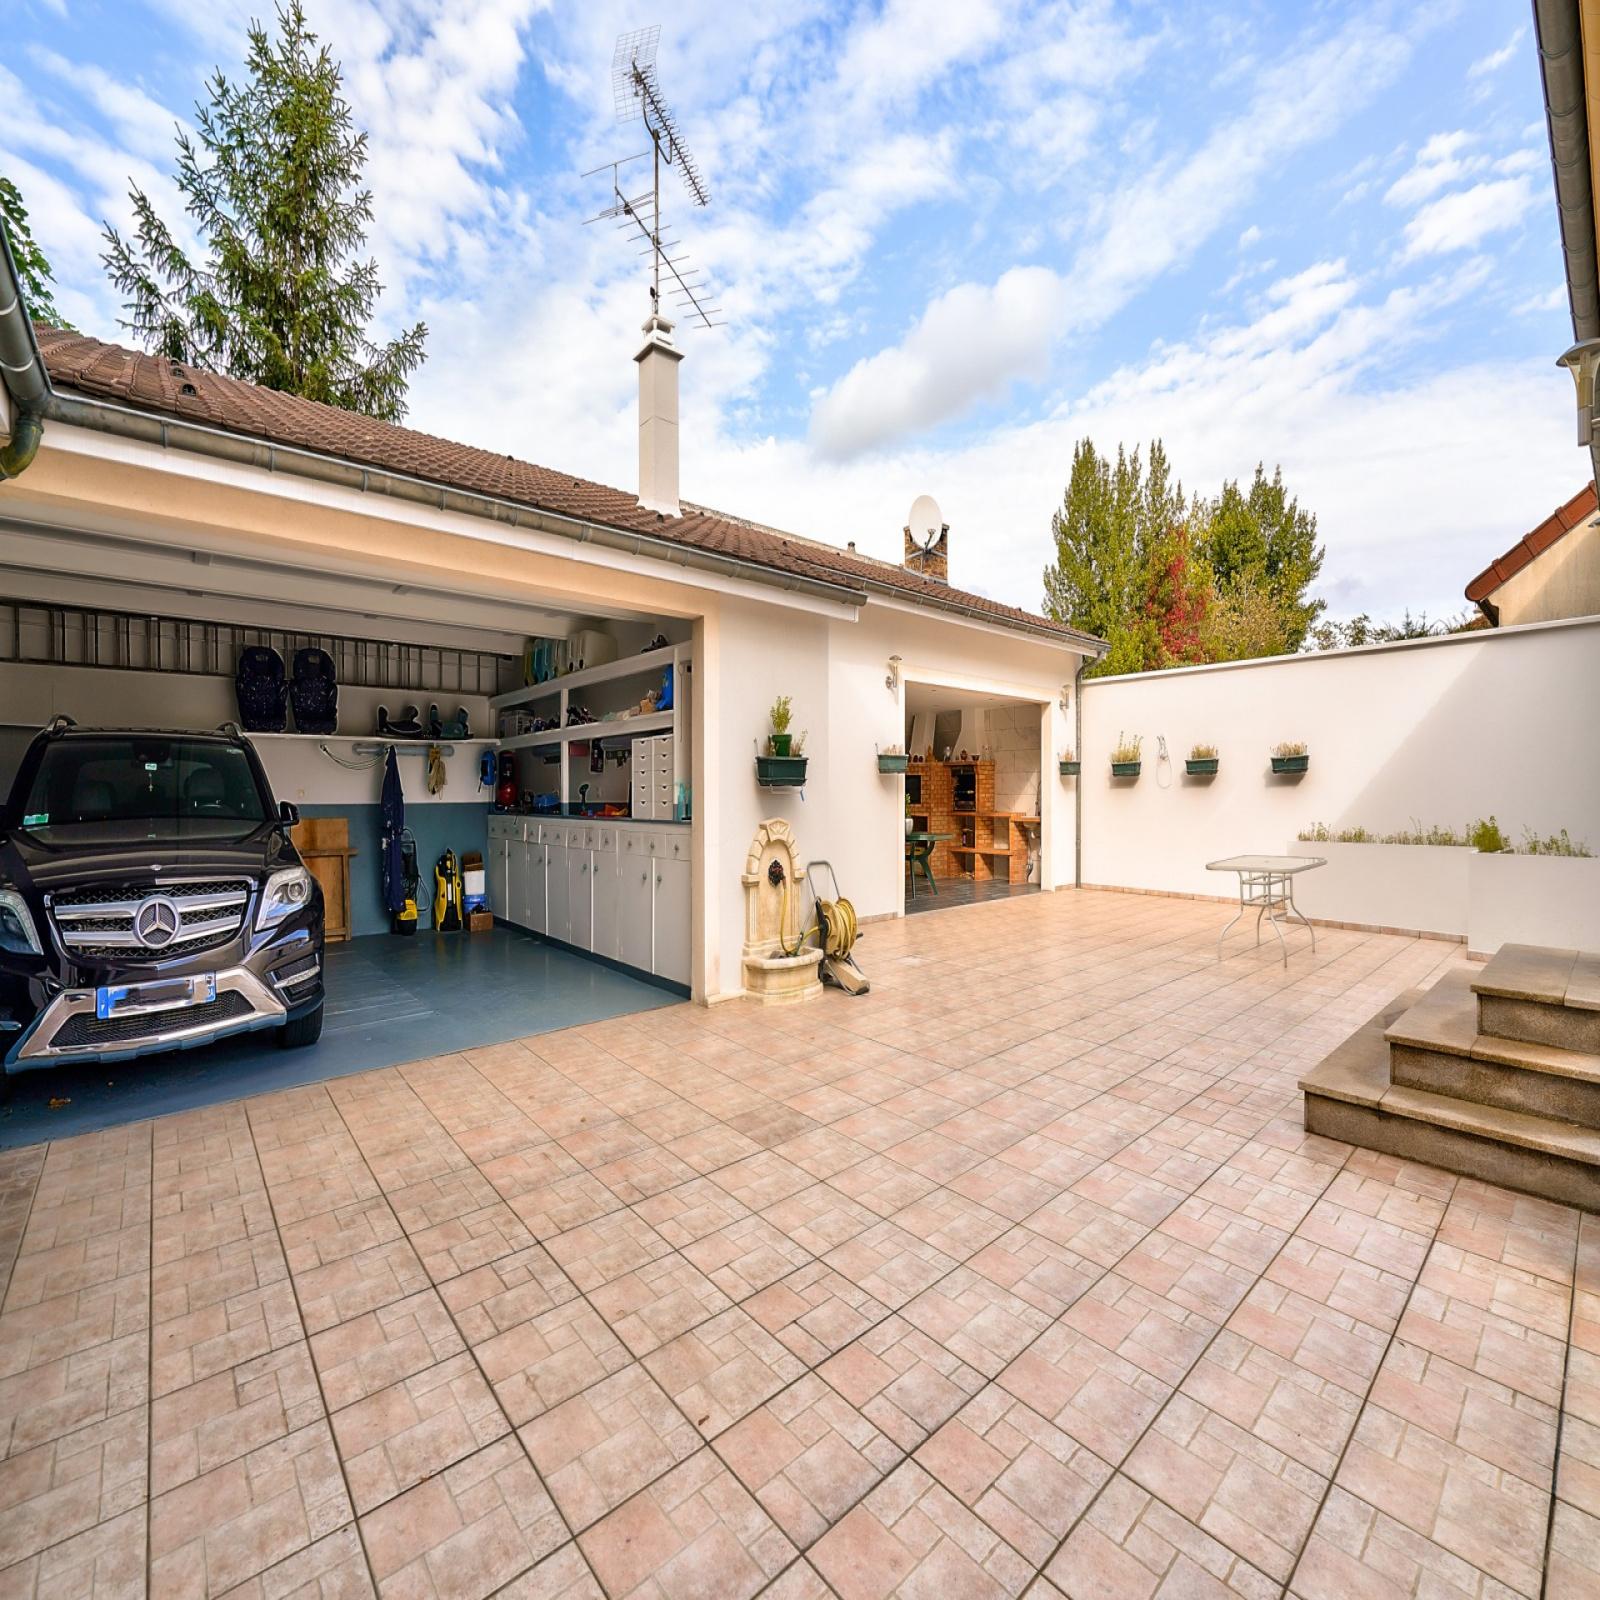 Vente Belle Maison Recente De 180 M2 4 Chambres